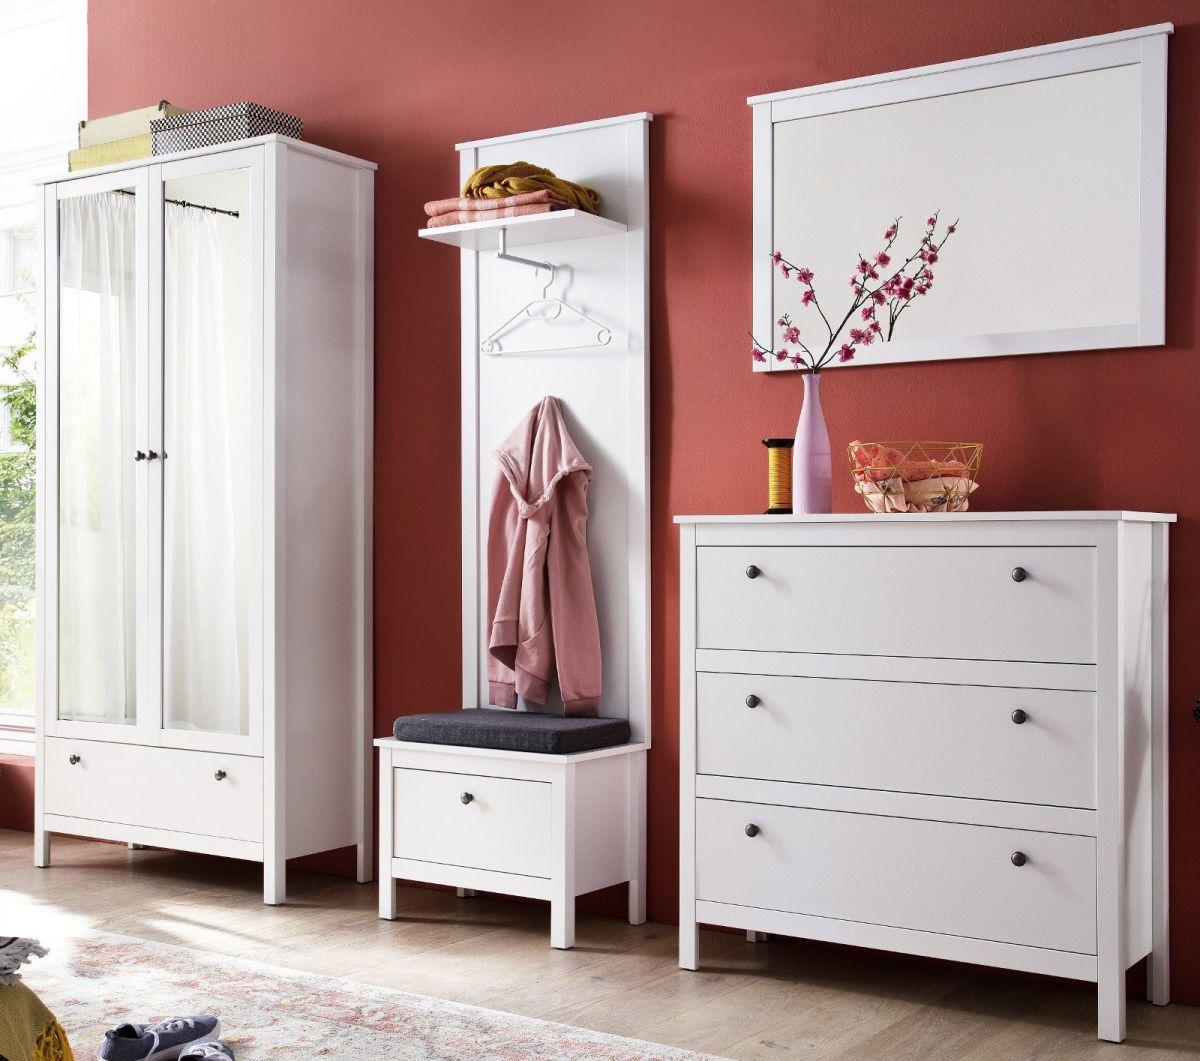 Garderobe Set Ole weiss 5-teilig 265 cm